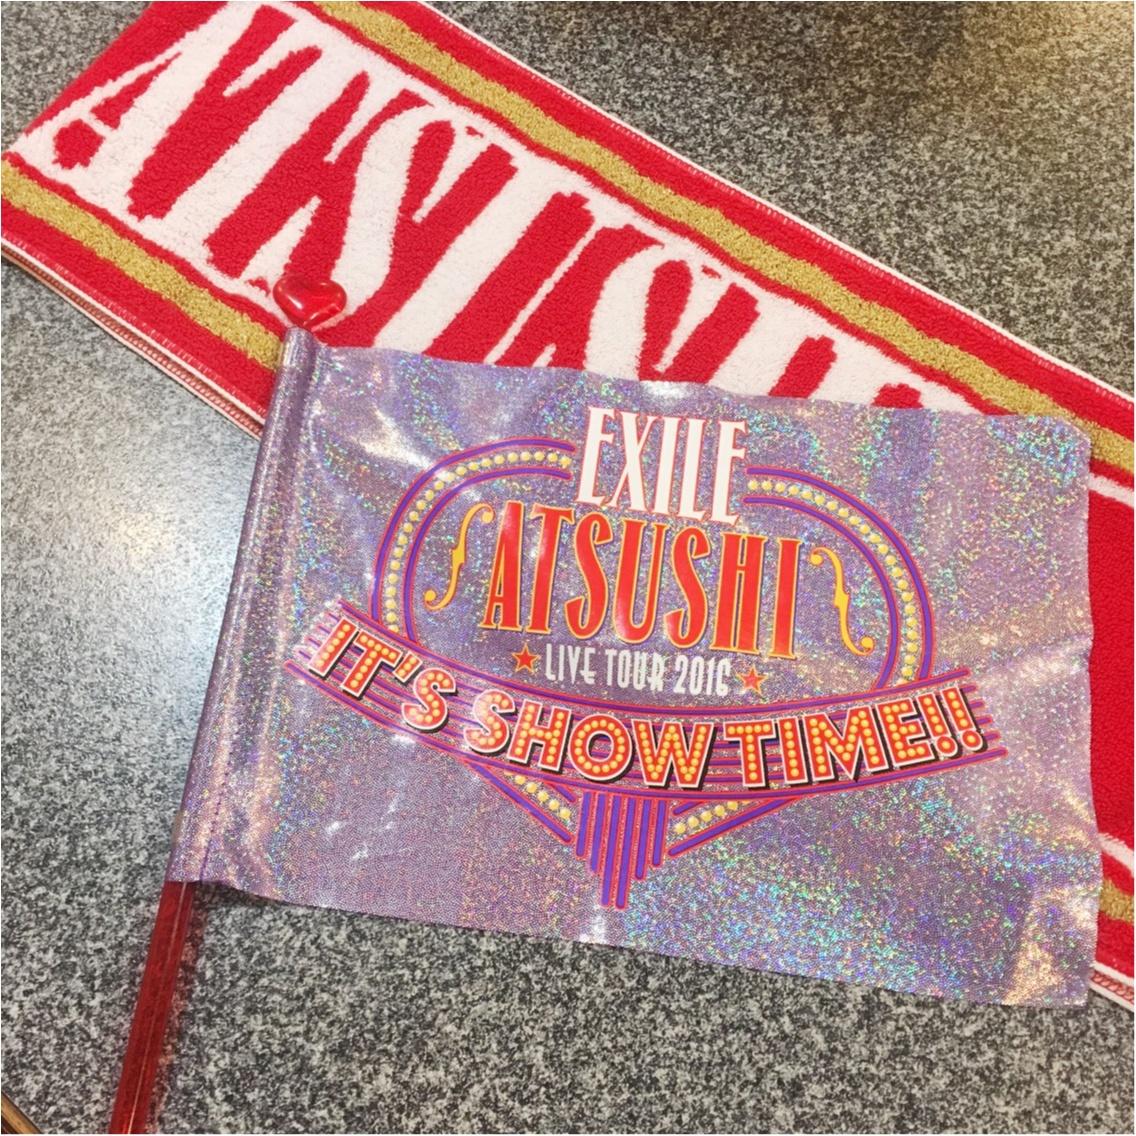 EXILE ATSUSHIさんのソロライブへ行ってきました♡_1